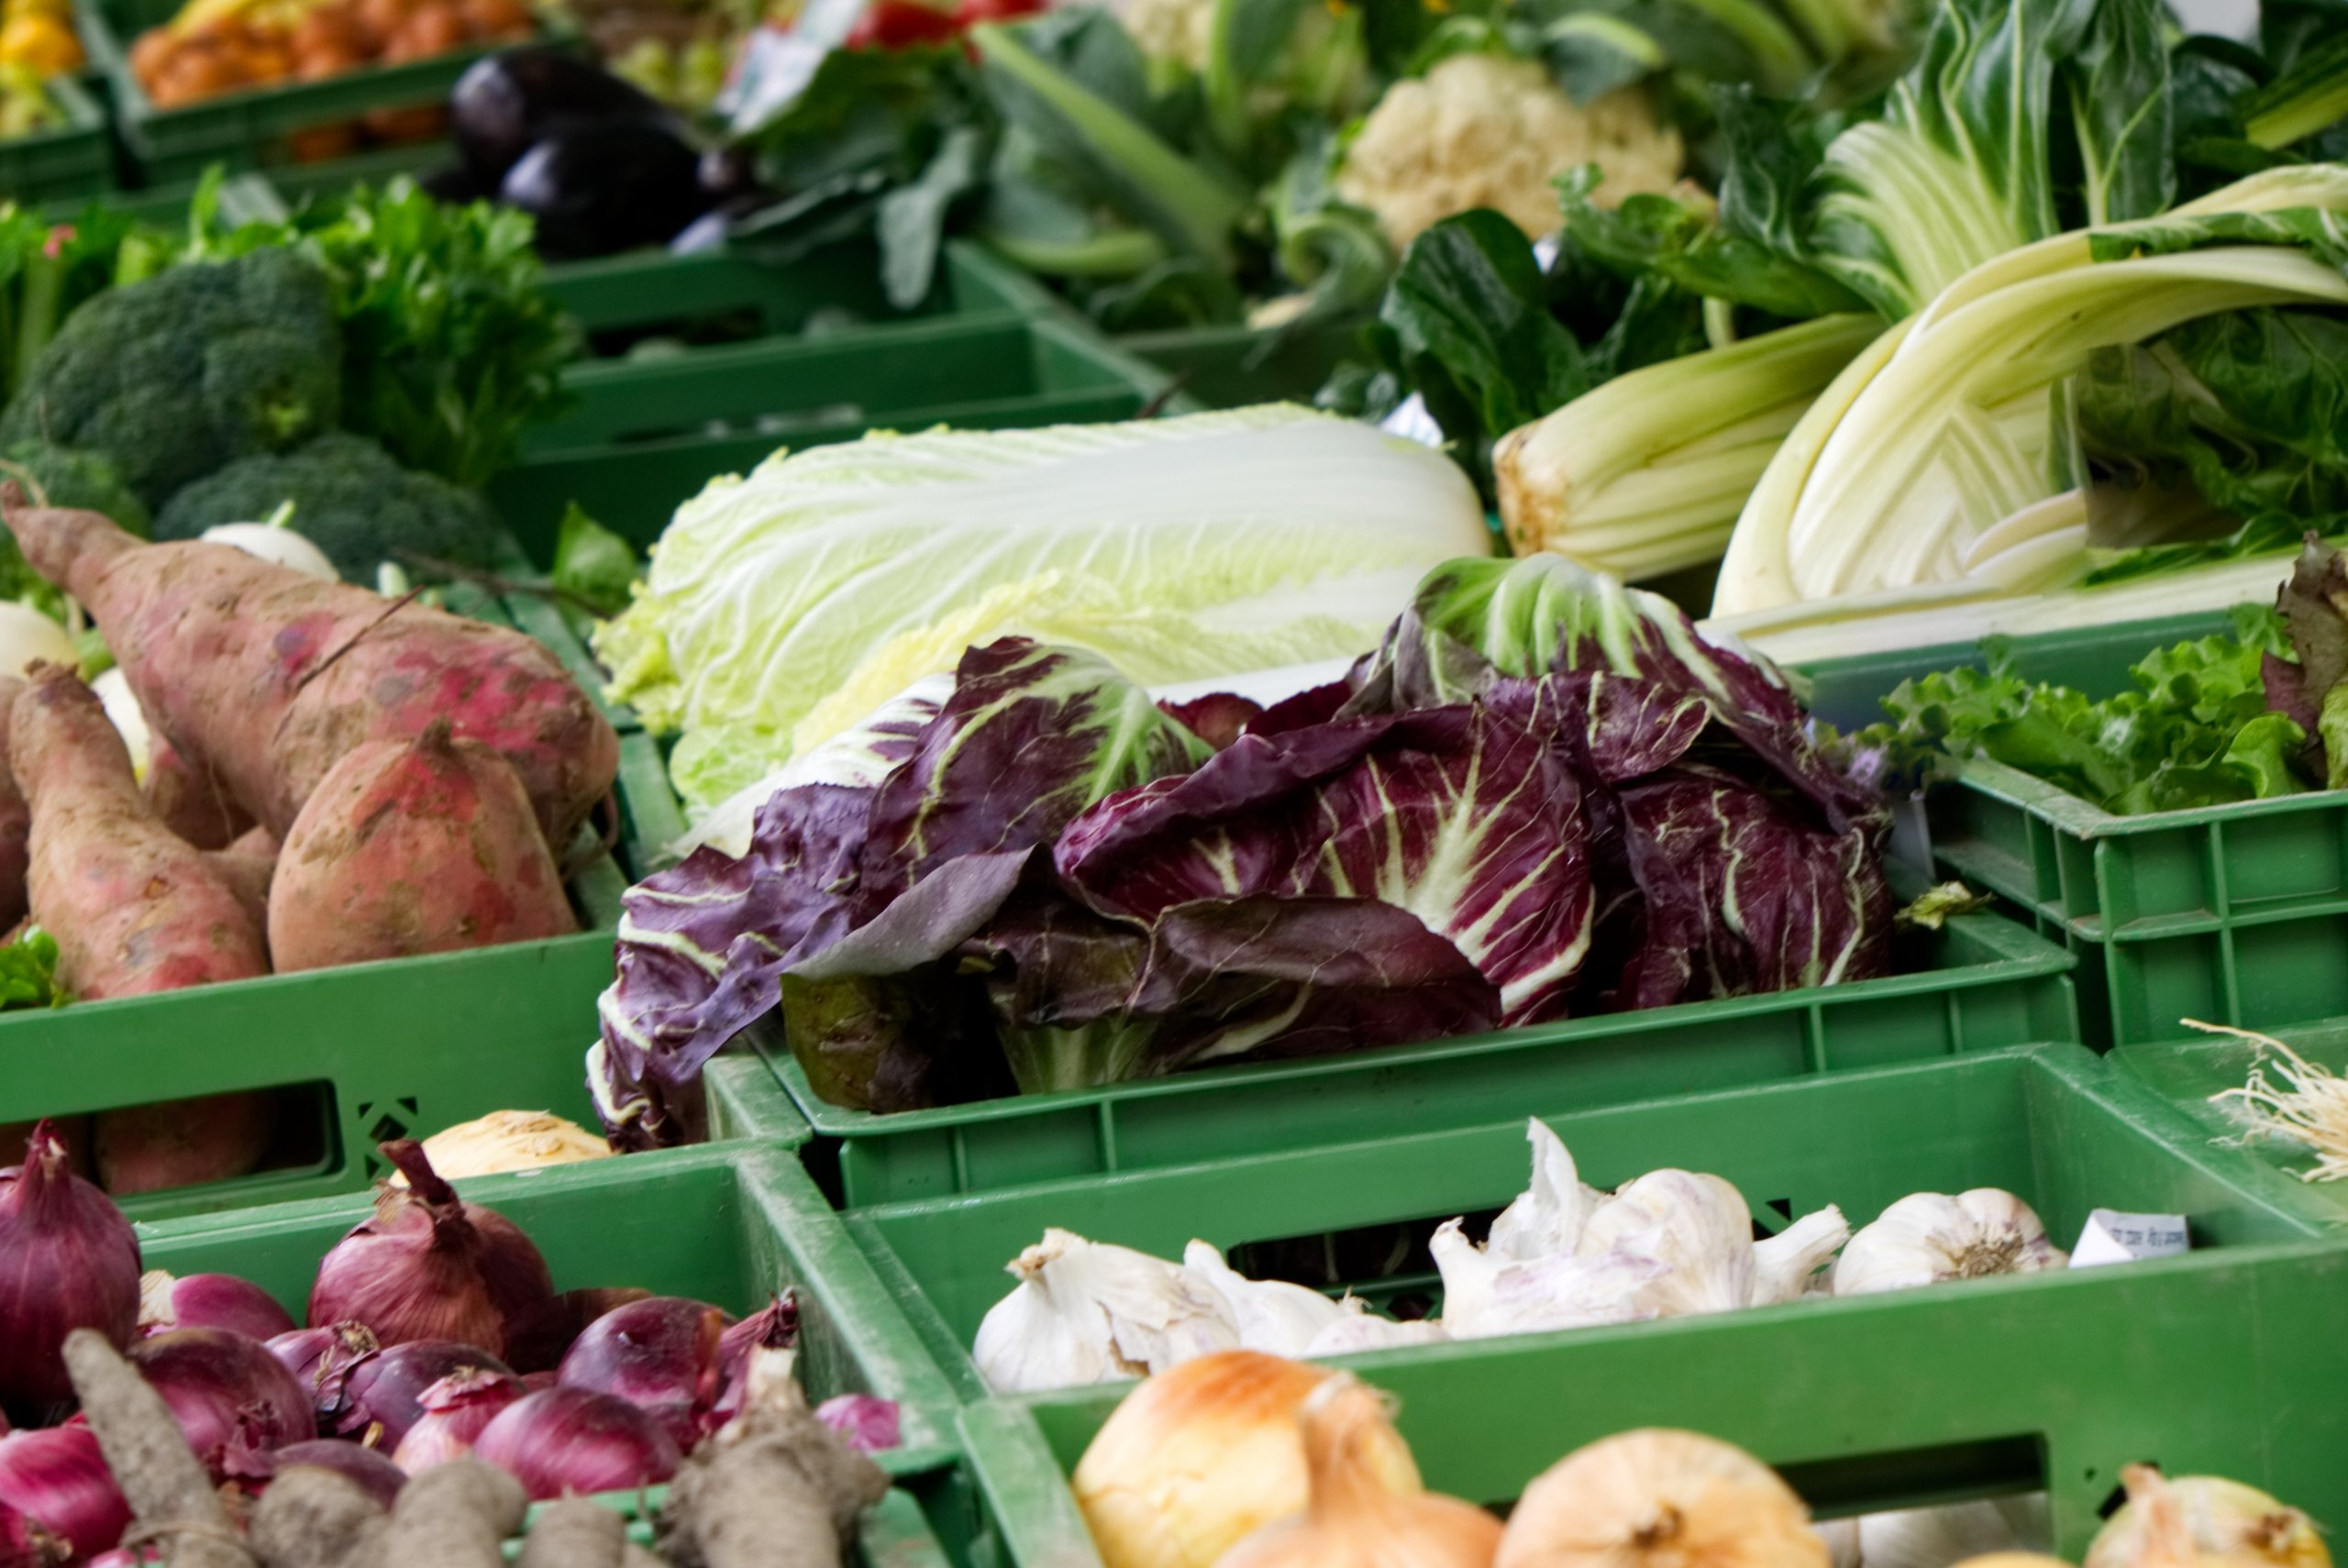 Wochenmarkt Norderney Gemüse